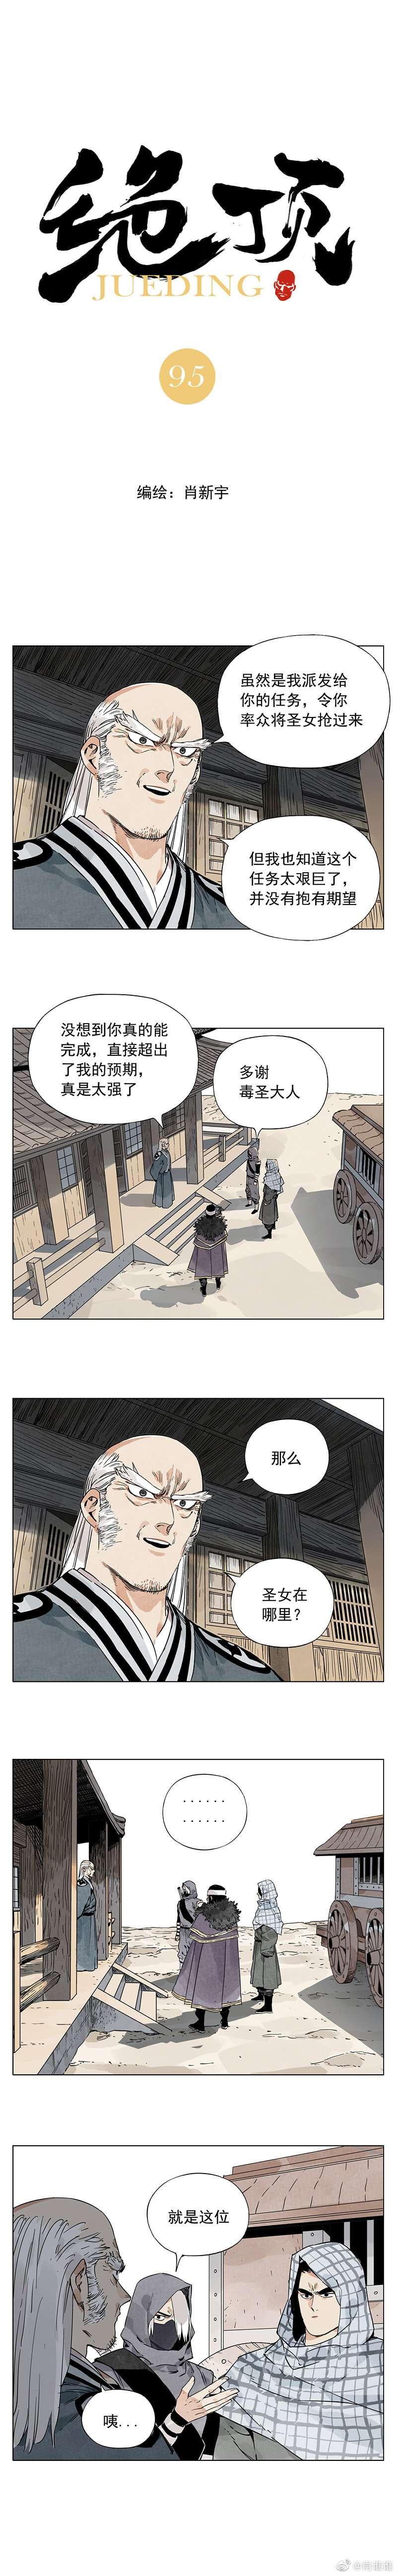 【漫画更新】绝顶95~96-小柚妹站